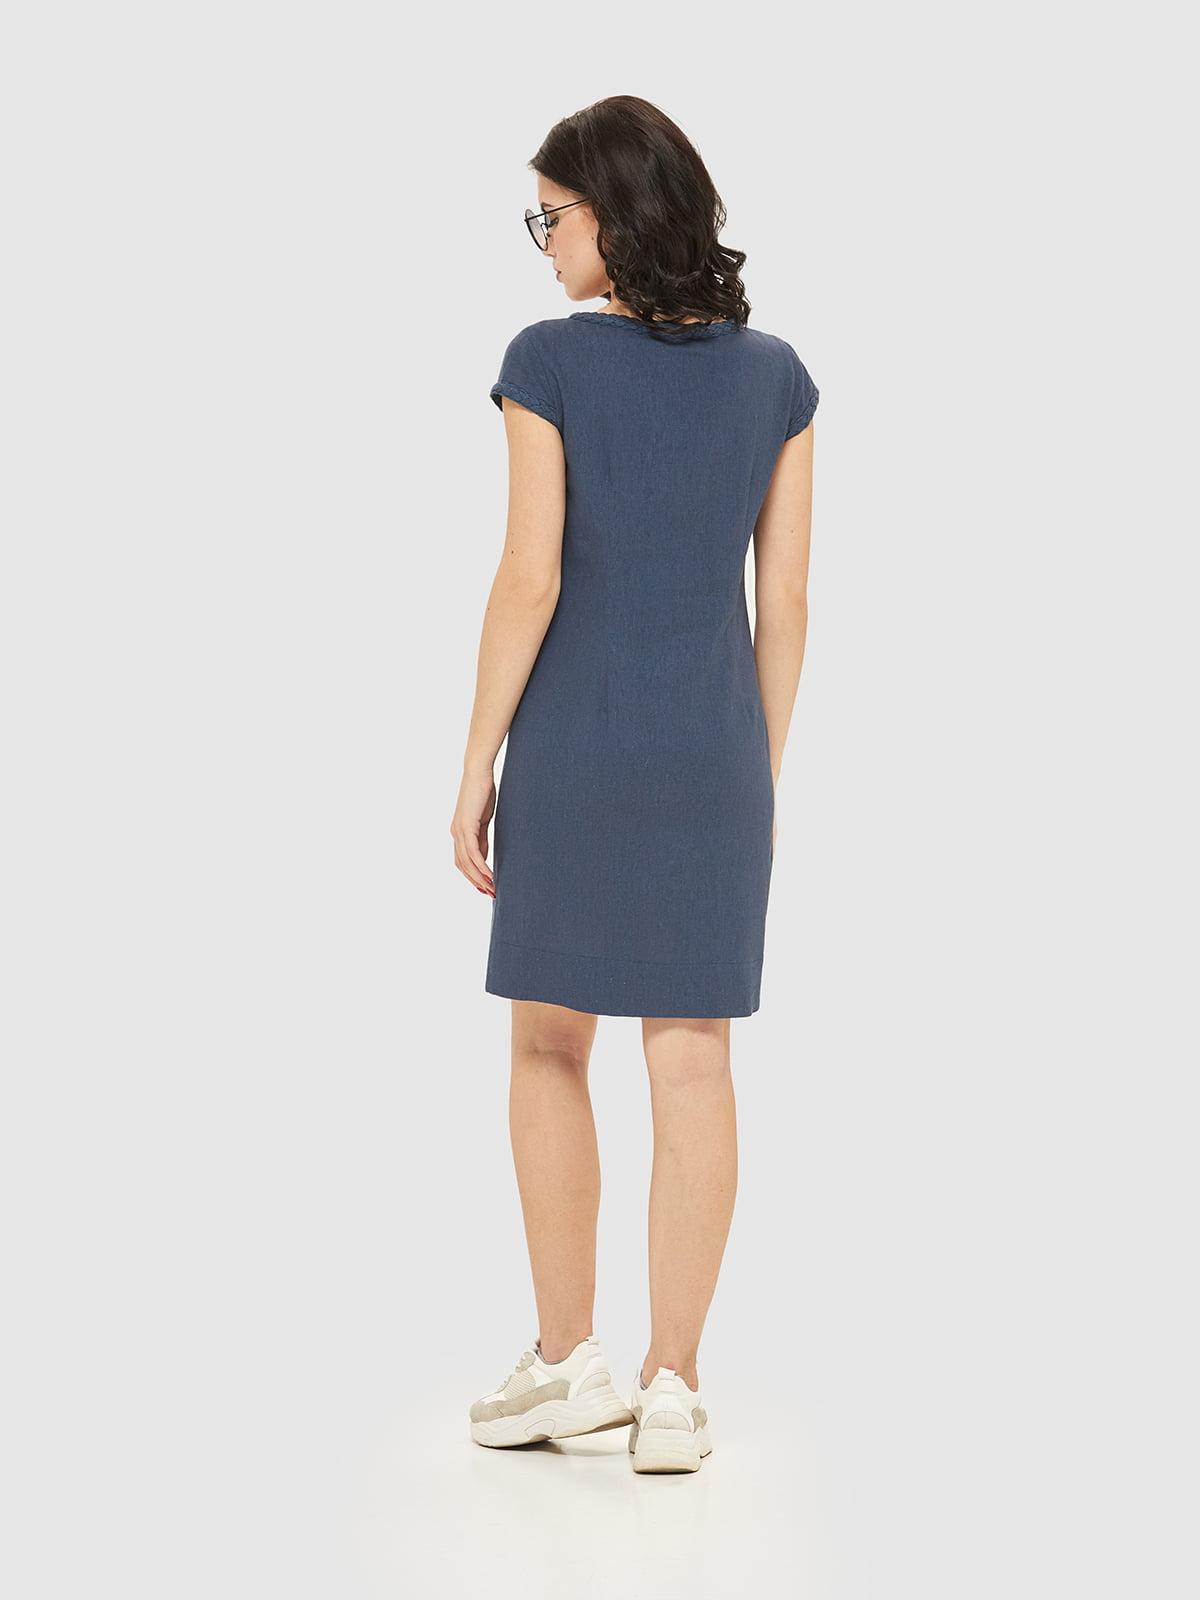 Сукня синя   5075474   фото 2